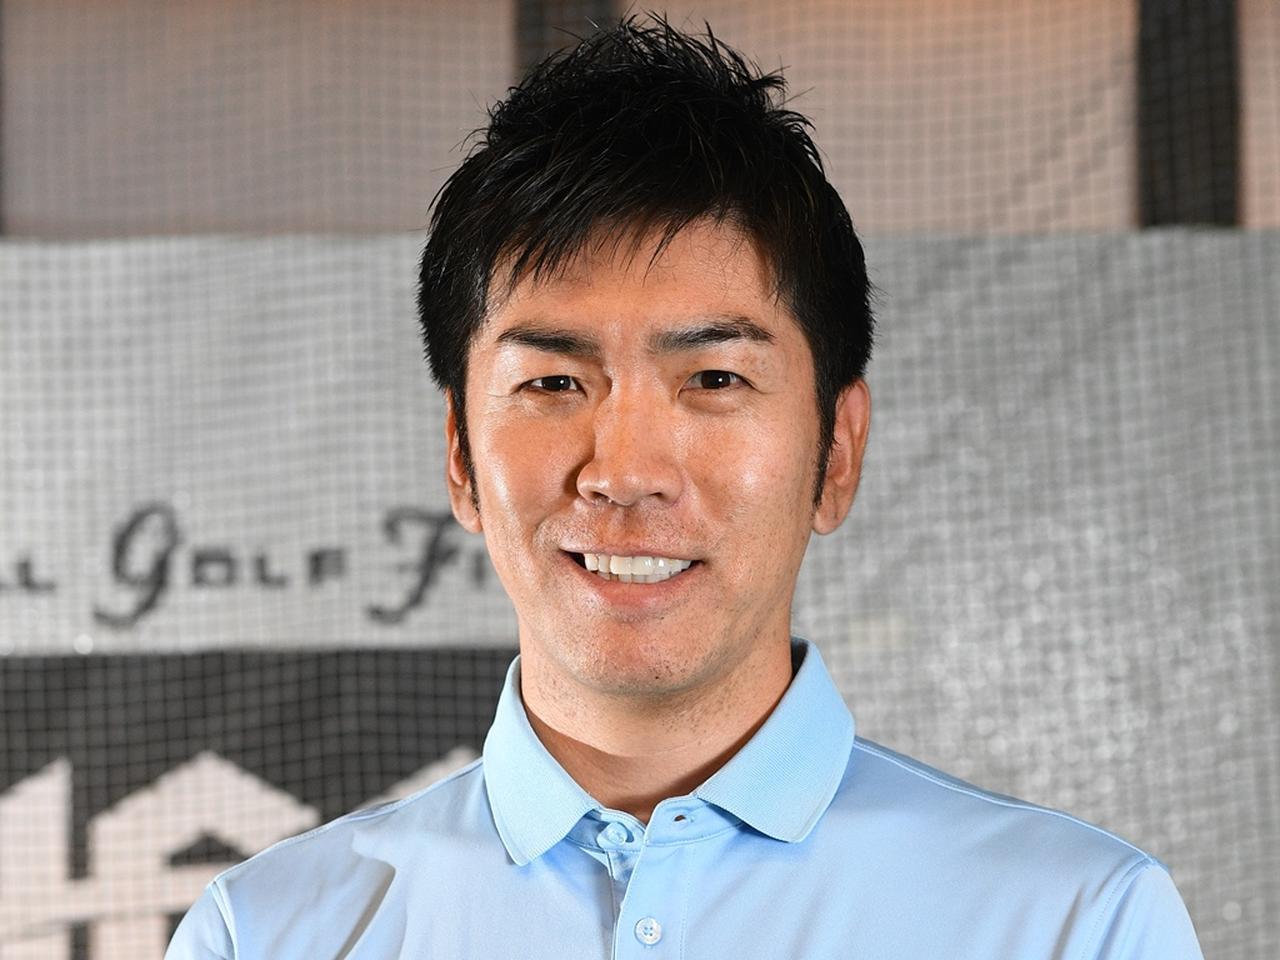 画像: 指導/吉田洋一郎プロ 週刊GD「Dr.クォンの反力打法」連載。レッドベターなど世界の名コーチを訪れ理論を吸収。探求・研究に余念がない。トータルゴルフフィットネスでレッスン展開中。